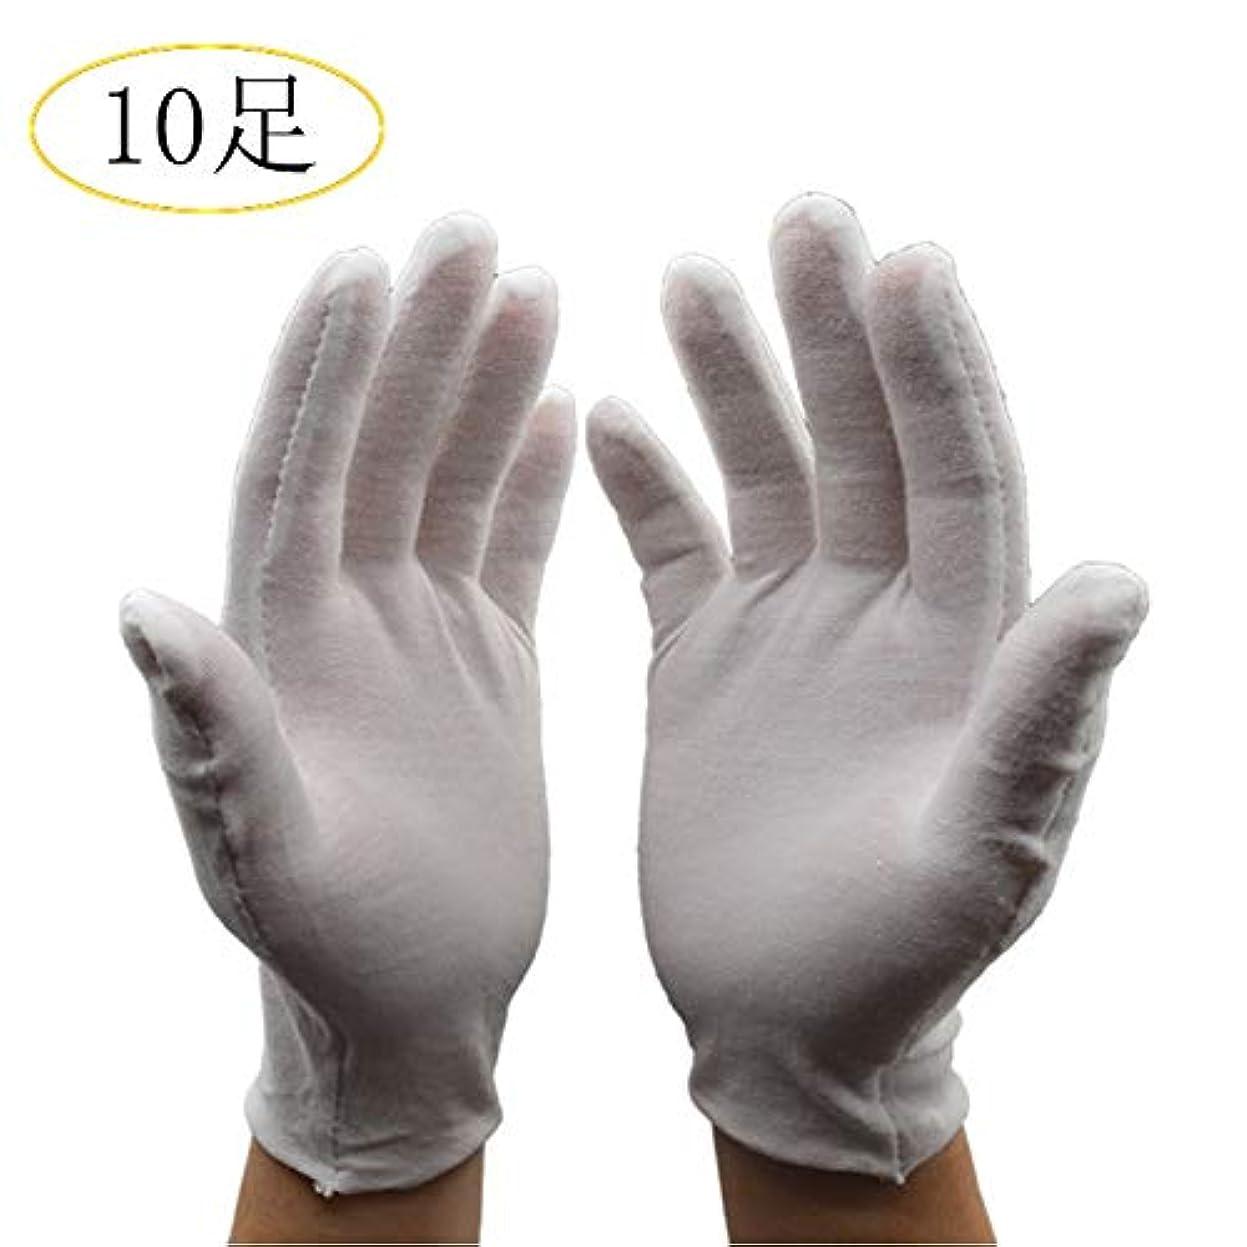 ZMiw コットン手袋 綿手袋 インナーコットン手袋 ガーデニング用手袋 20枚入り 手荒れ 手袋 Sサイズ 湿疹用 乾燥肌用 保湿用 家事用 礼装用